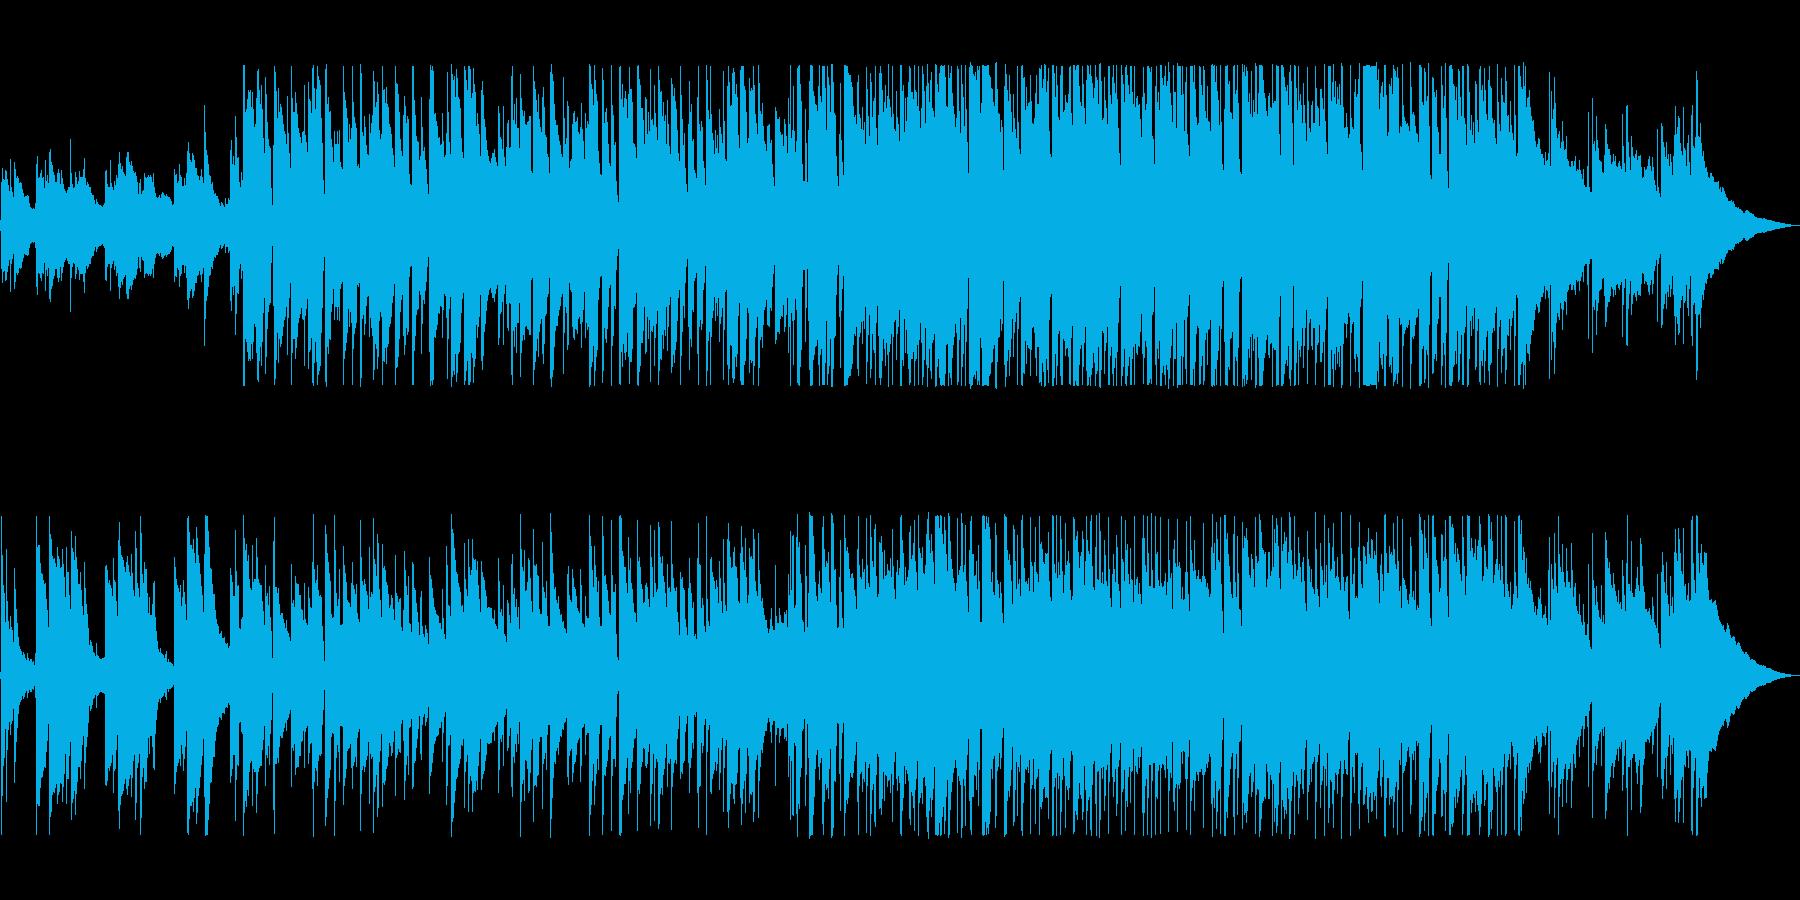 癒しのイージーリスニングの再生済みの波形